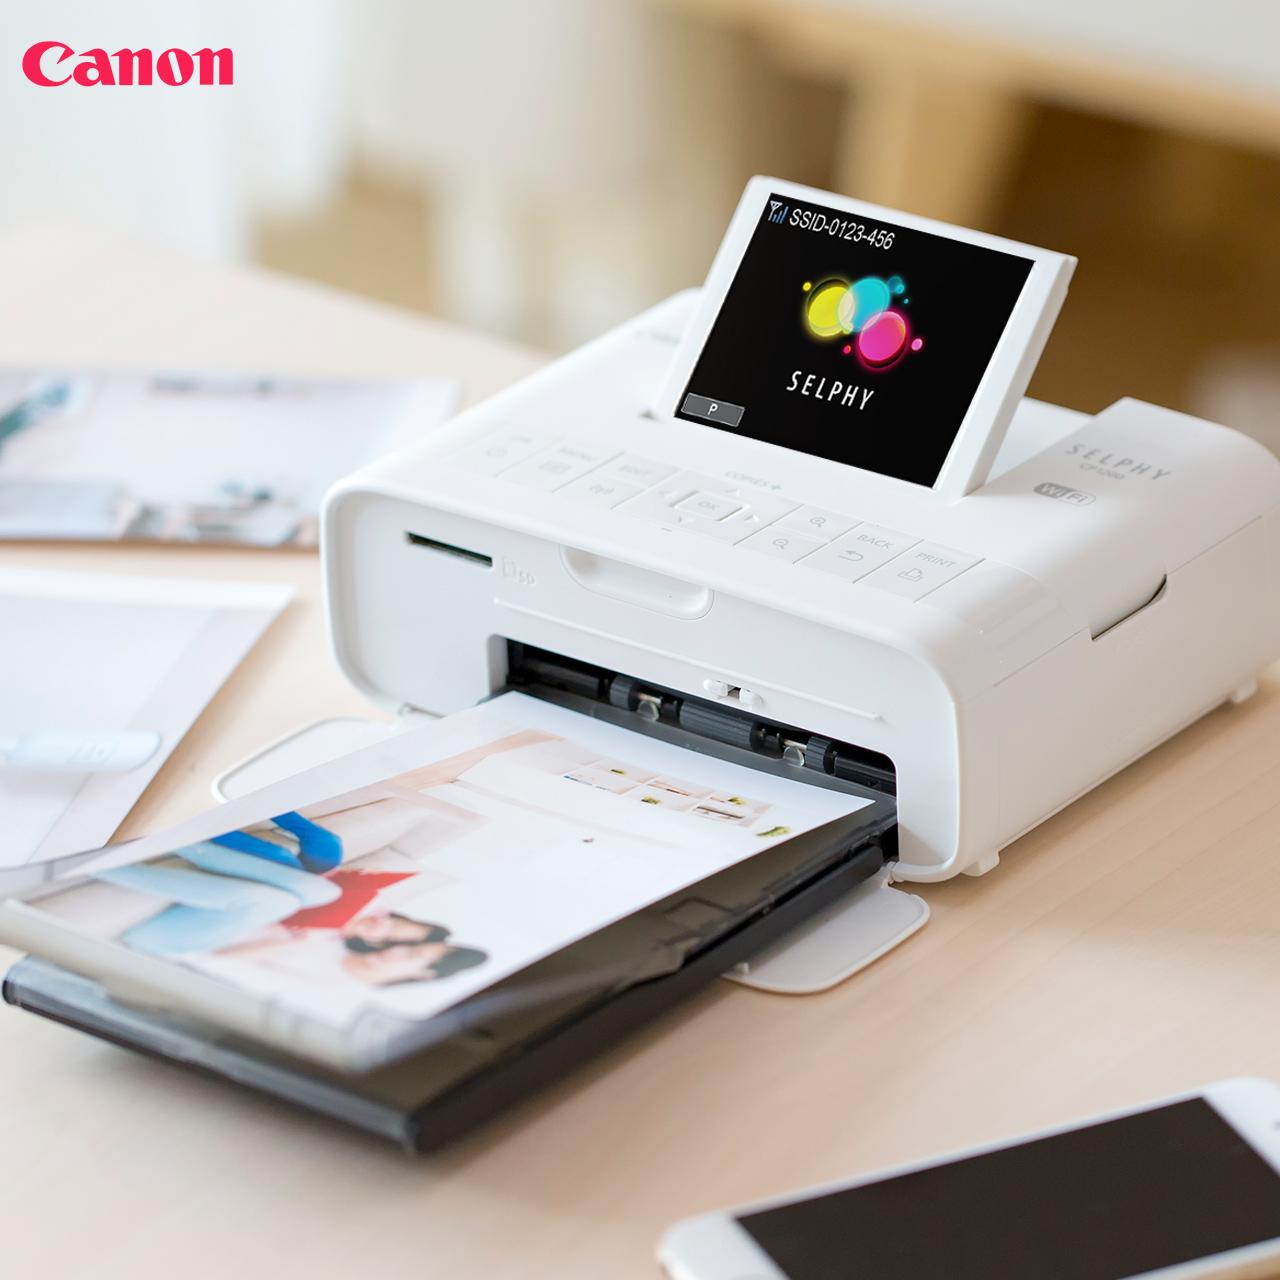 佳能cp1300无线手机照片打印机彩色迷你便携相片冲印机尊享礼盒装